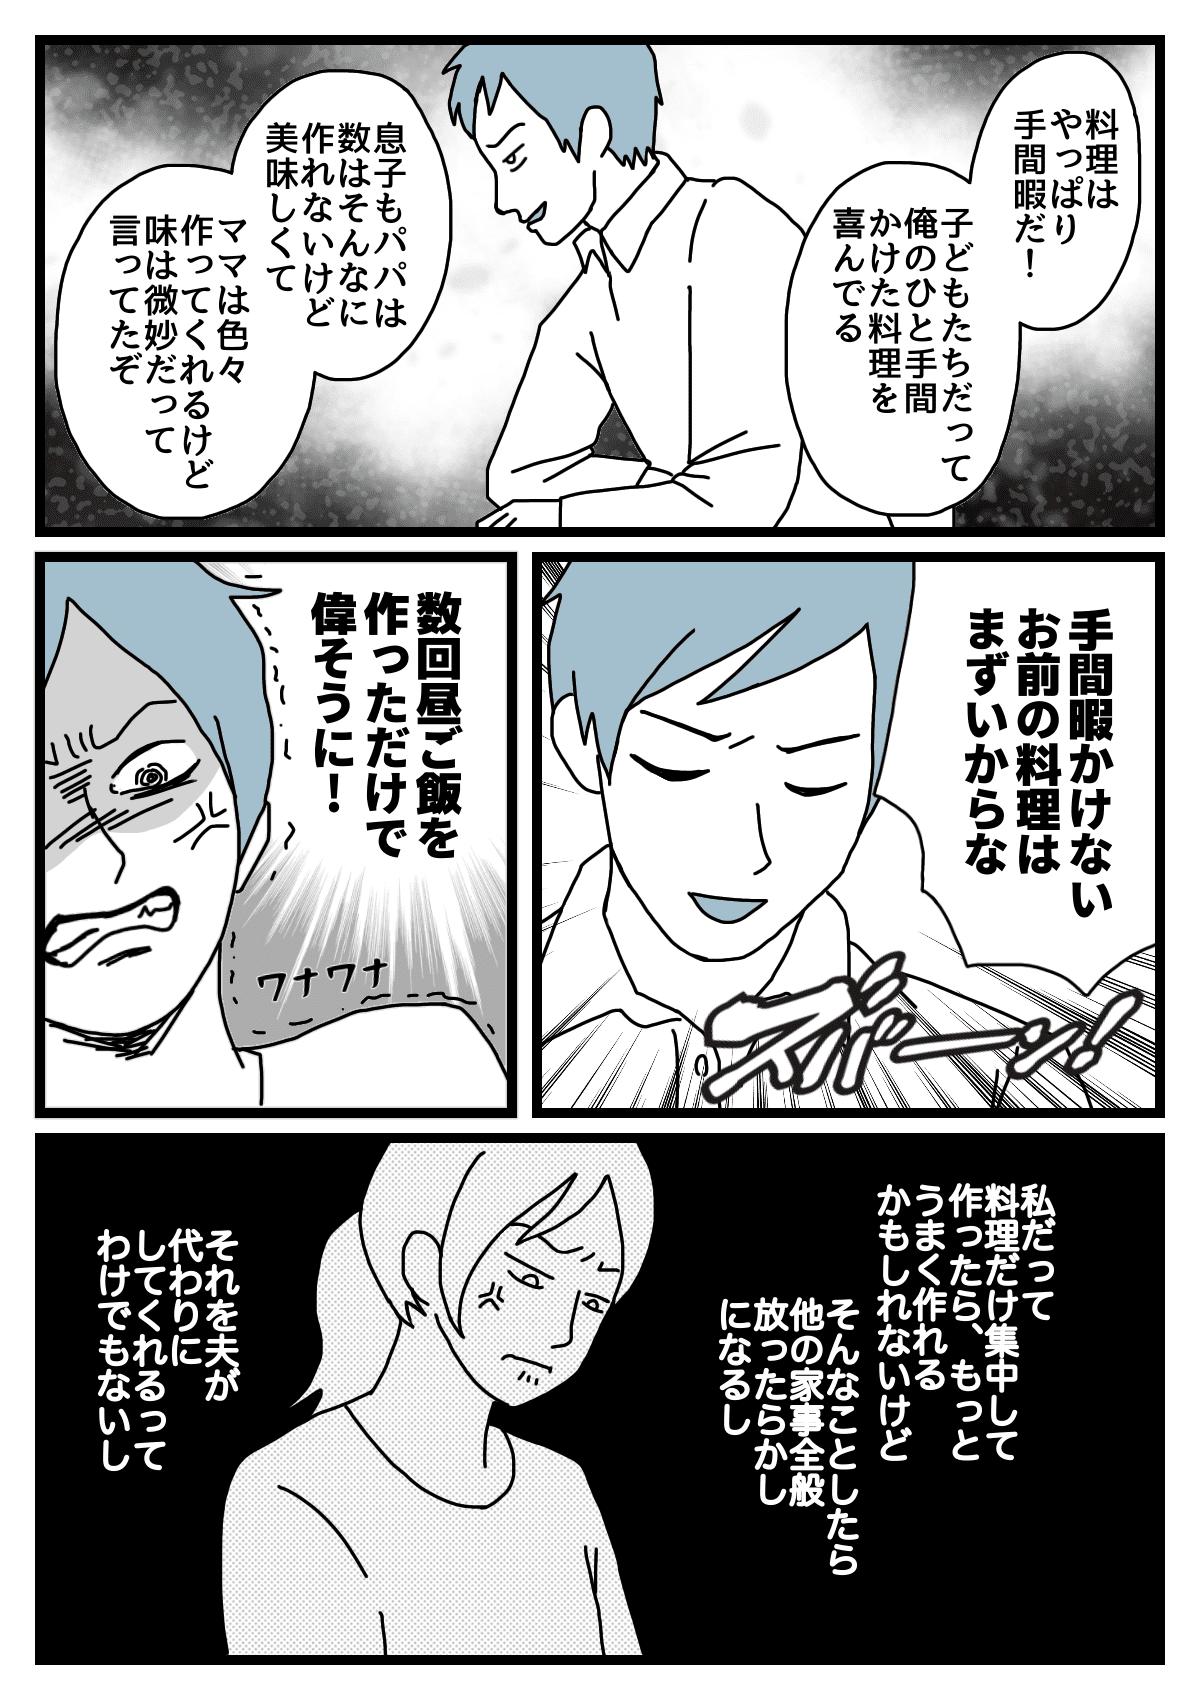 【前編】まずい3